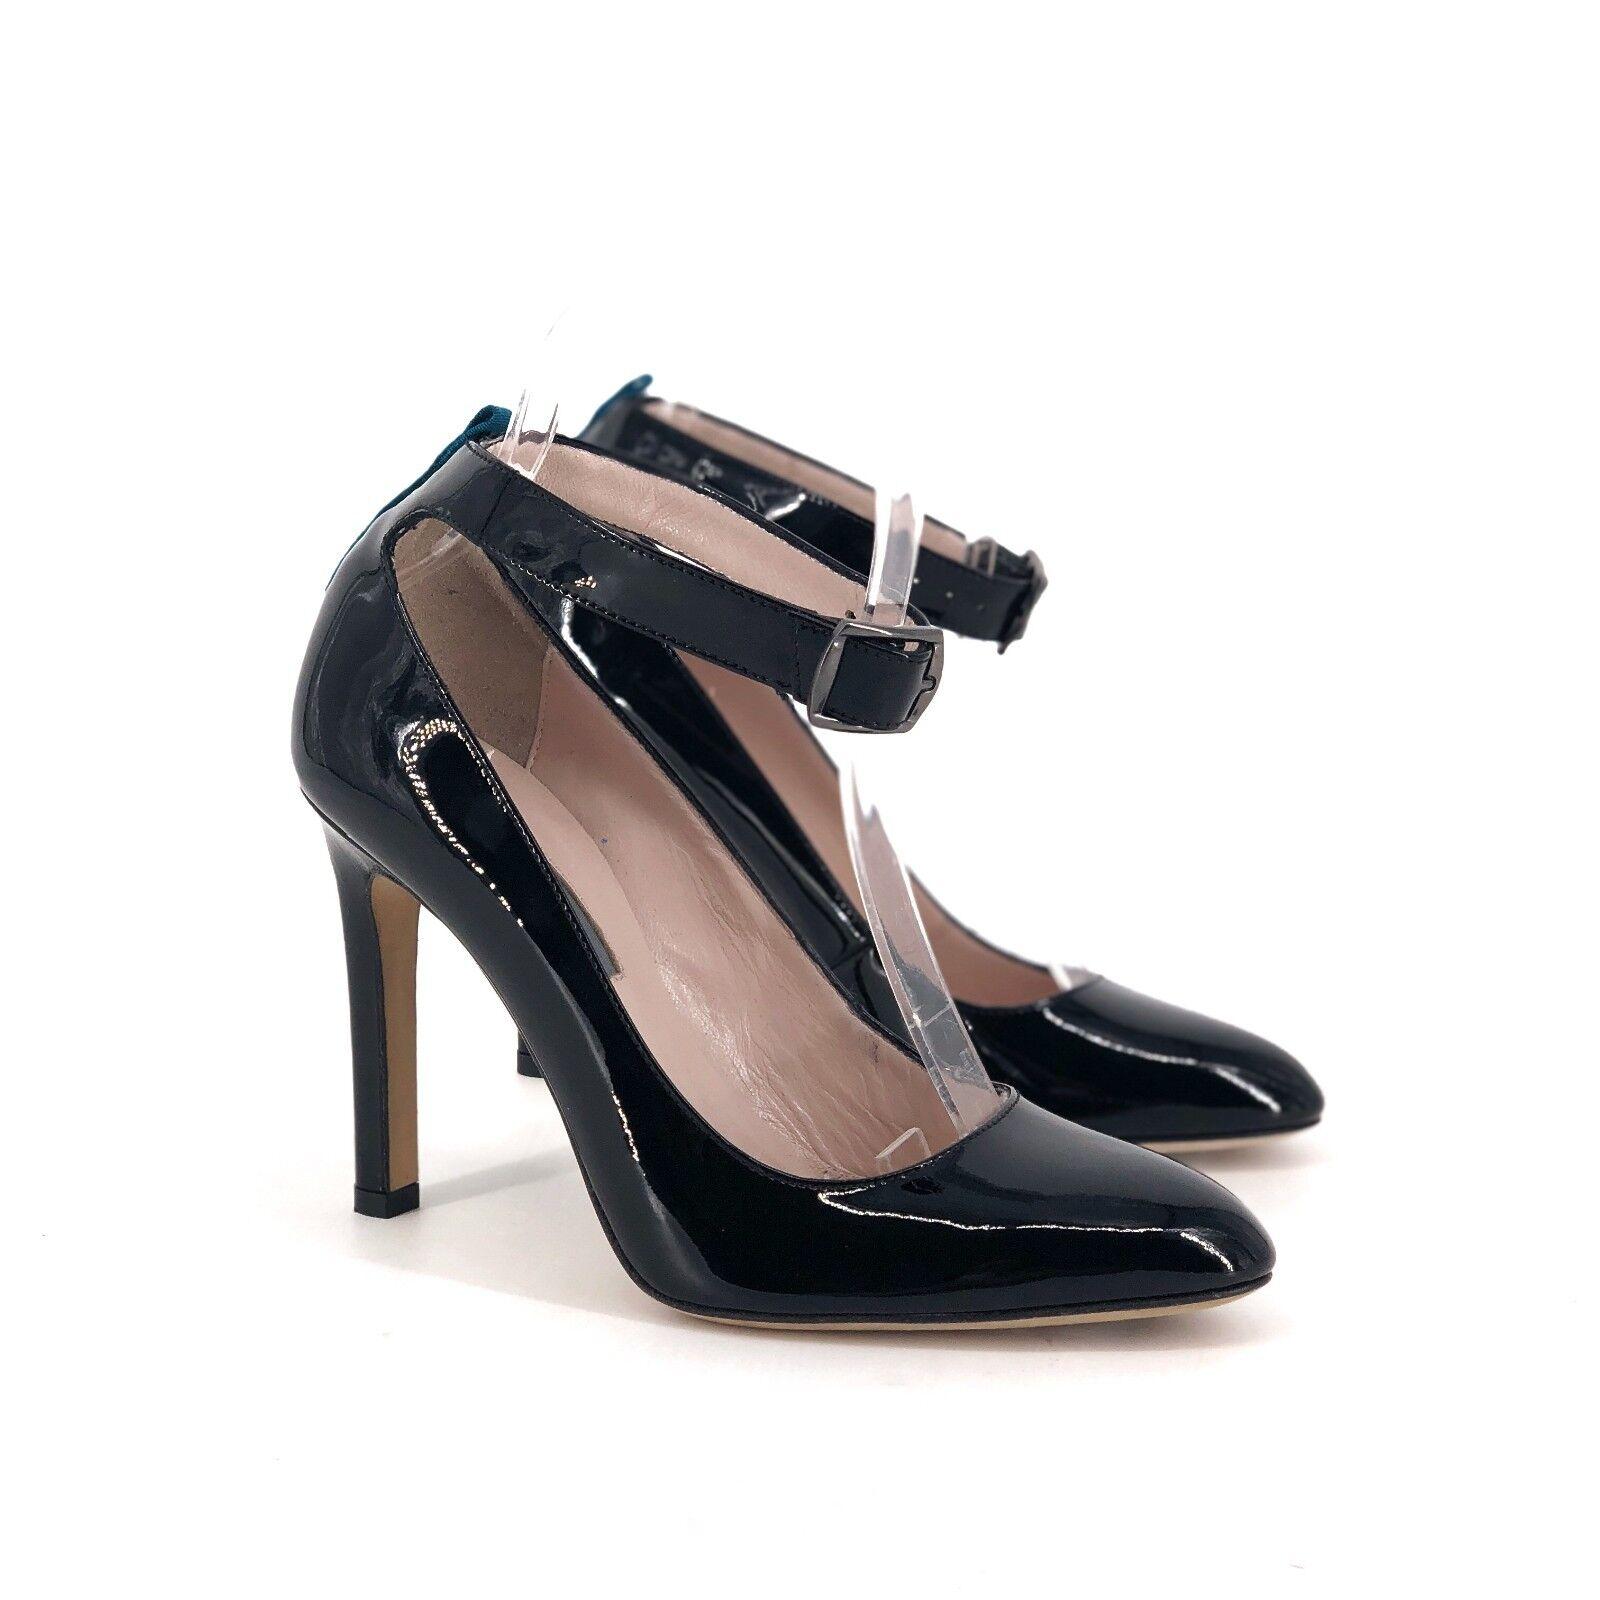 SJP Sarah Jessica Parker Posh Patent Leather Ankle Strap Pump EUR 36.5 US 6.5